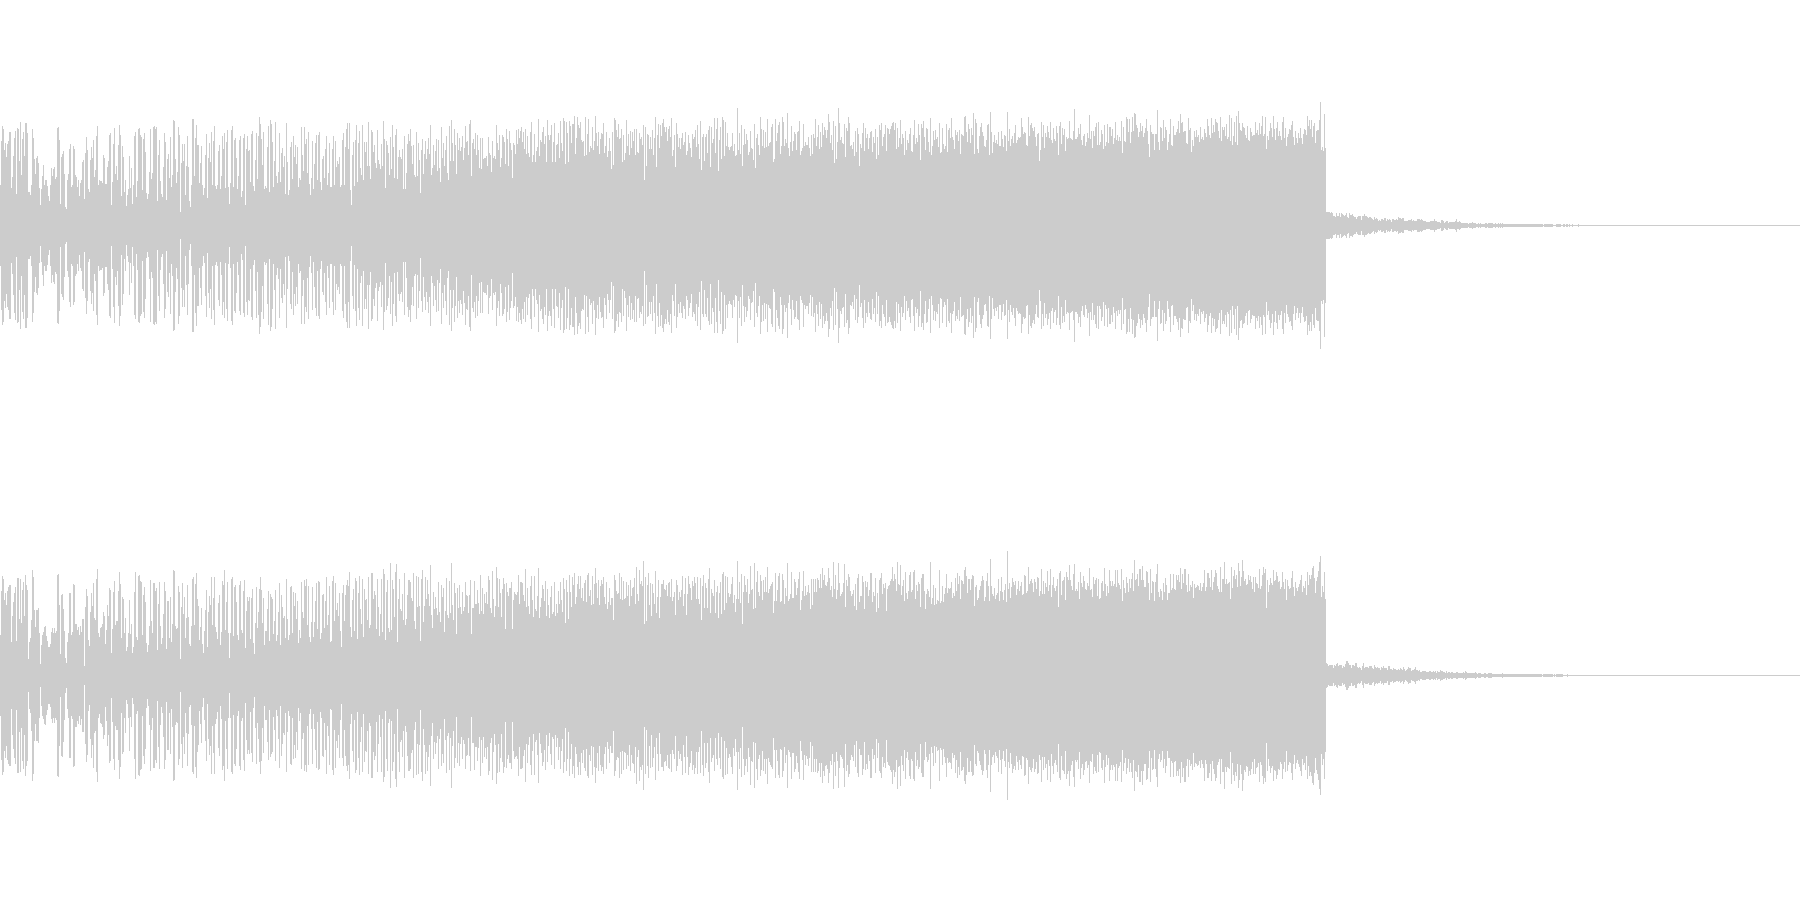 上昇音 シンセ01 【4秒】の未再生の波形